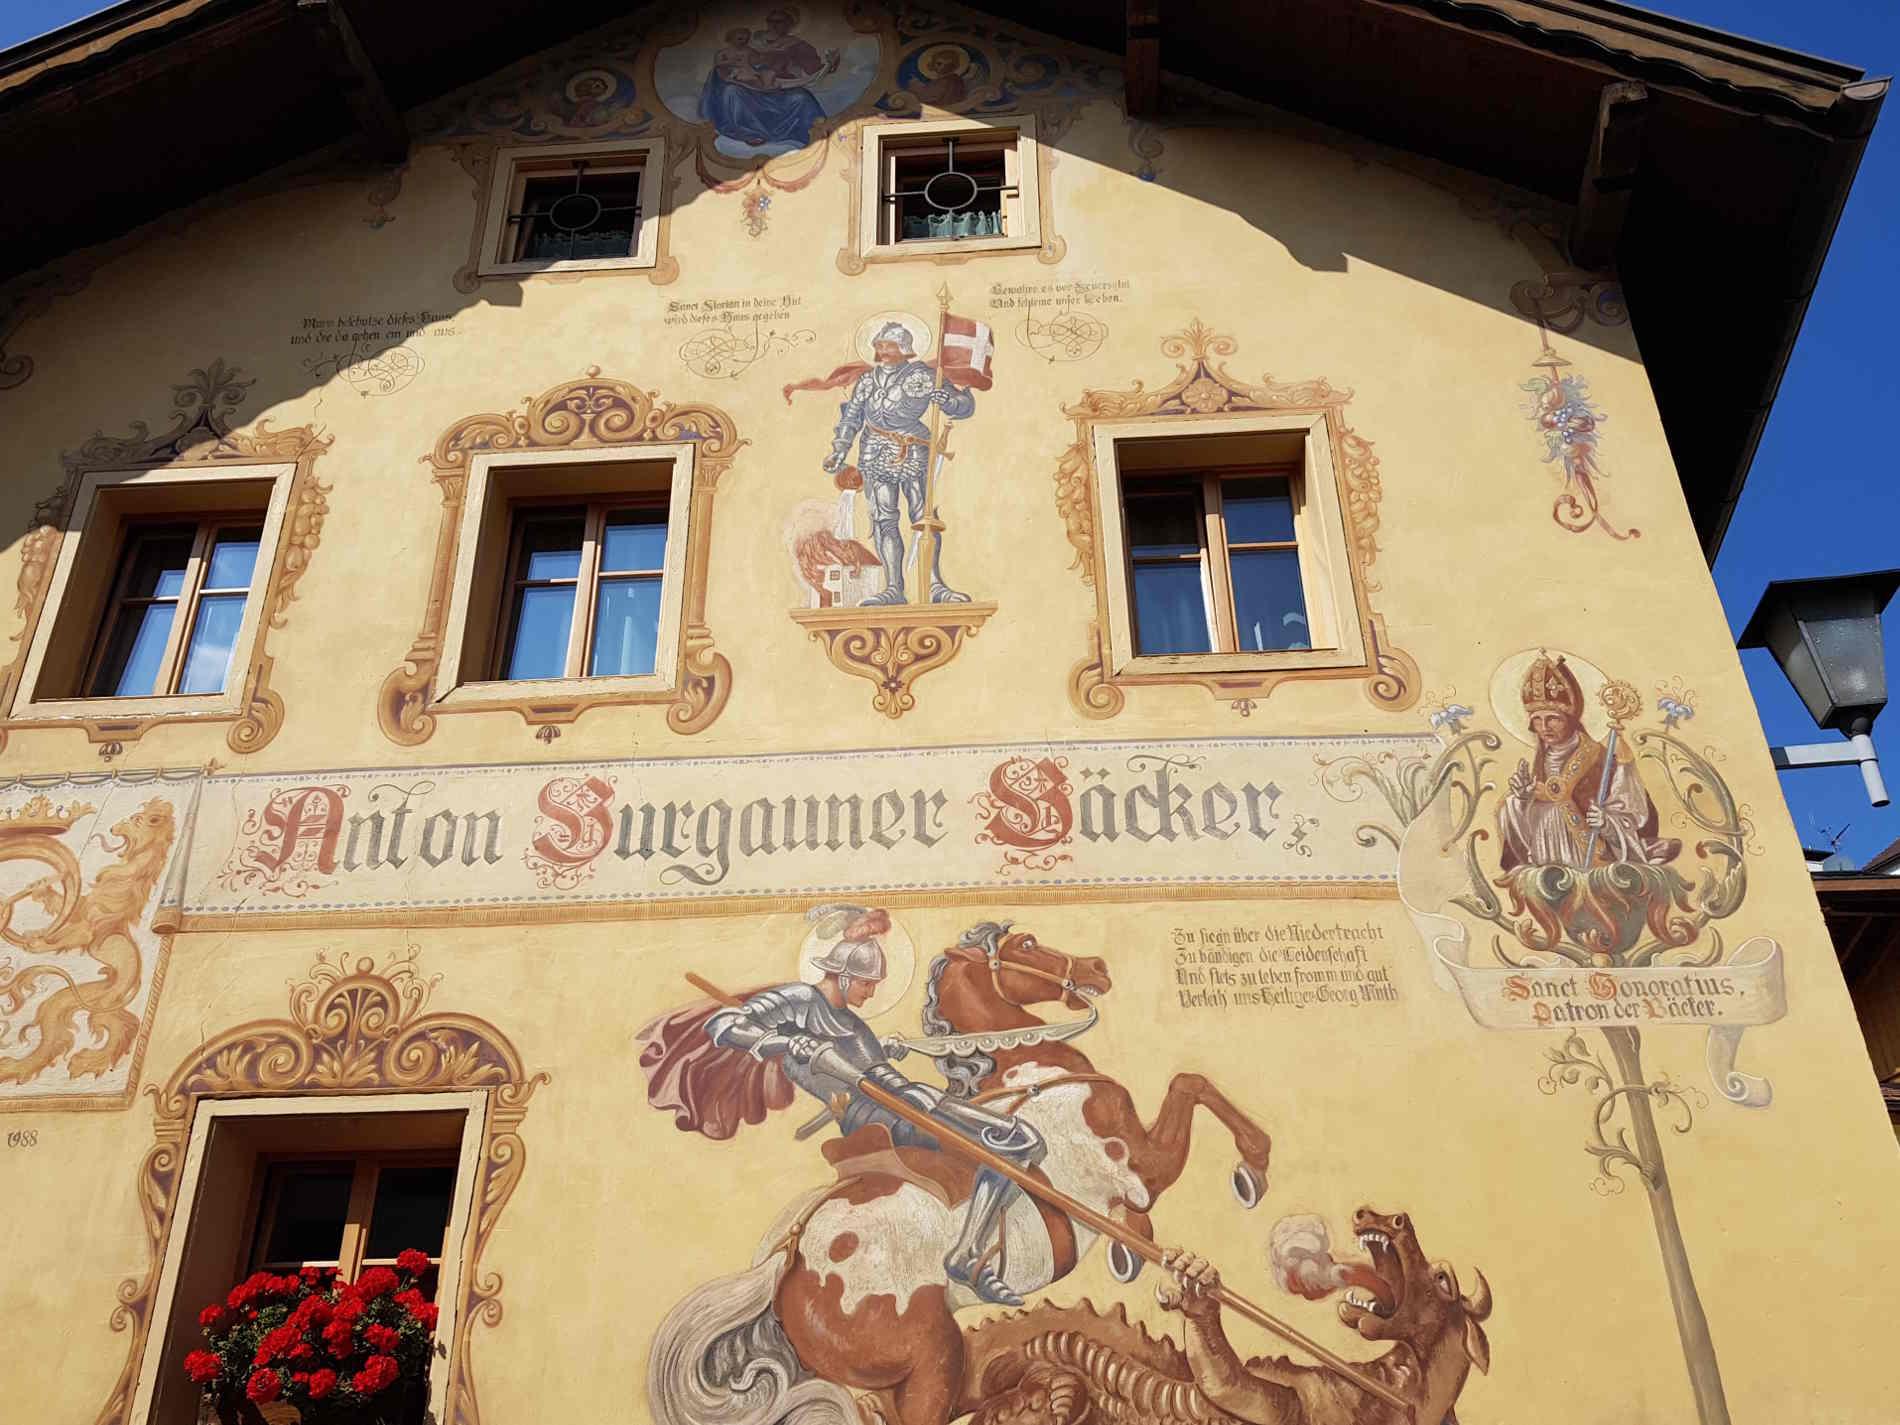 Faccate antiche decorate a castelrotto uno dei Borghi più belli d'Italia a Castelrotto